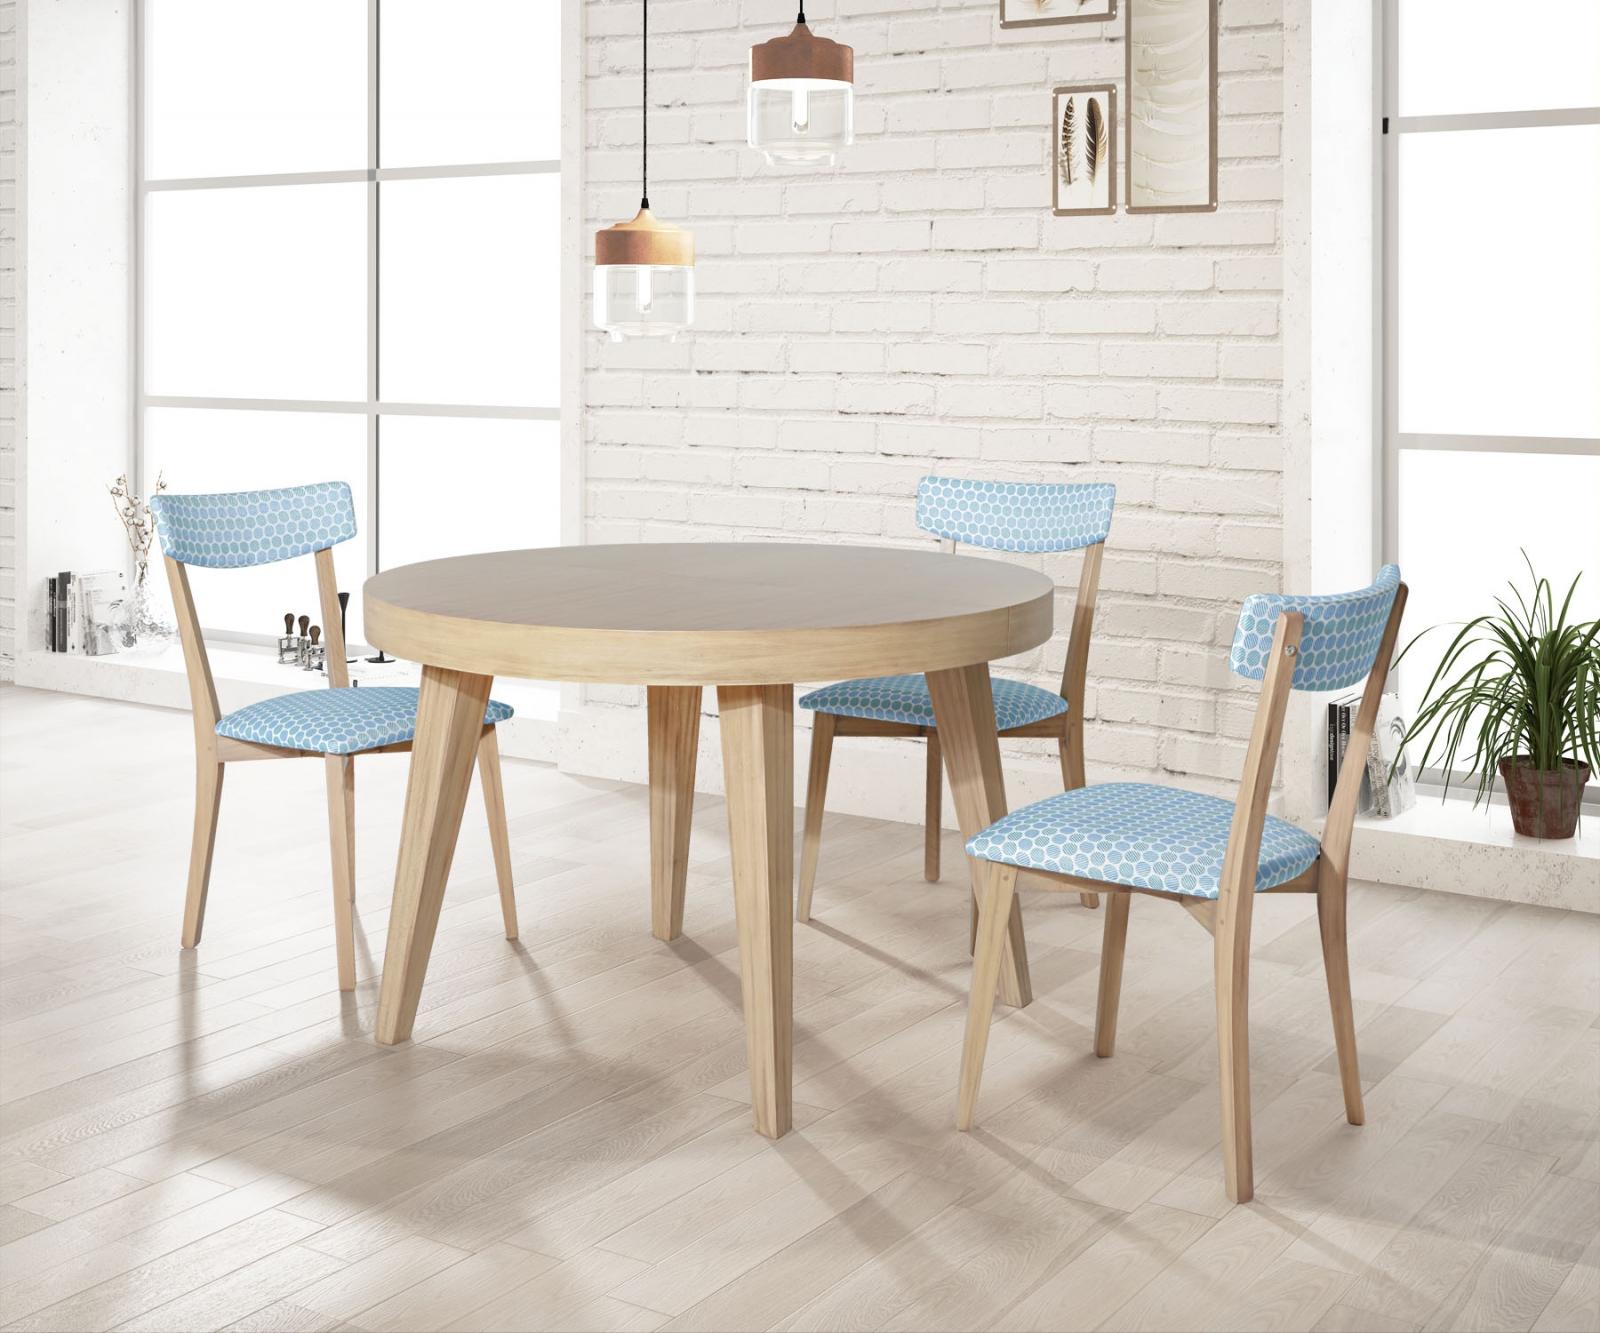 Mesa redonda extensible modelo 525 - Mesa extensible de madera, 4 patas, varios acabados